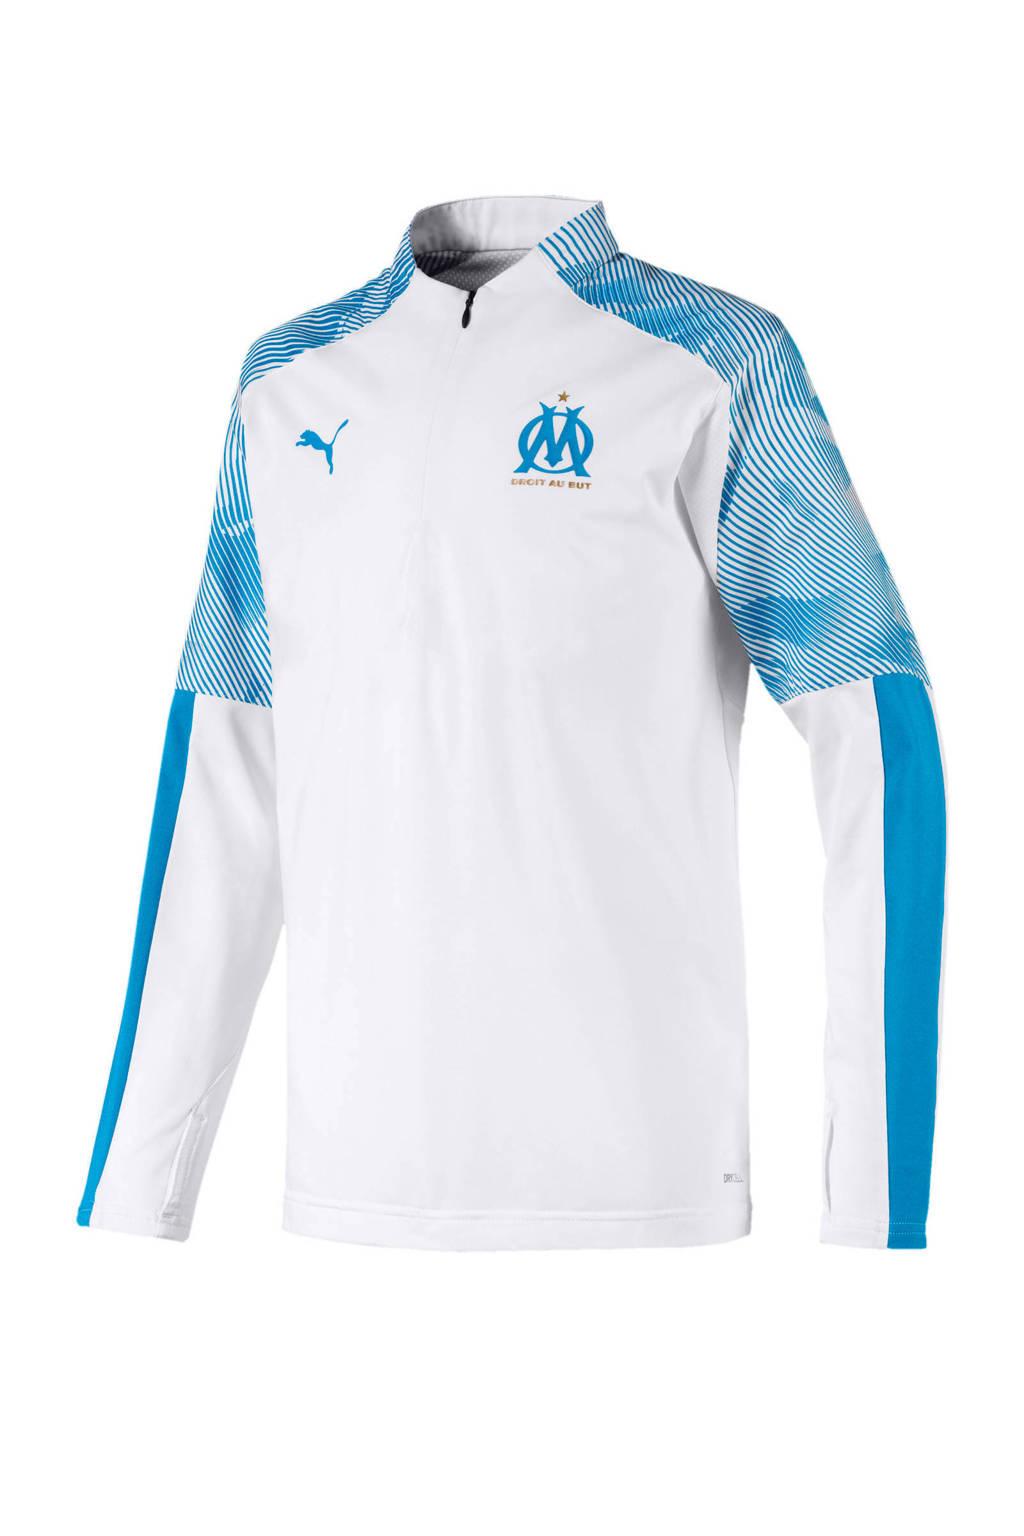 Puma Junior Olympique Marseille voetbalshirt wit/blauw, Wit/blauw